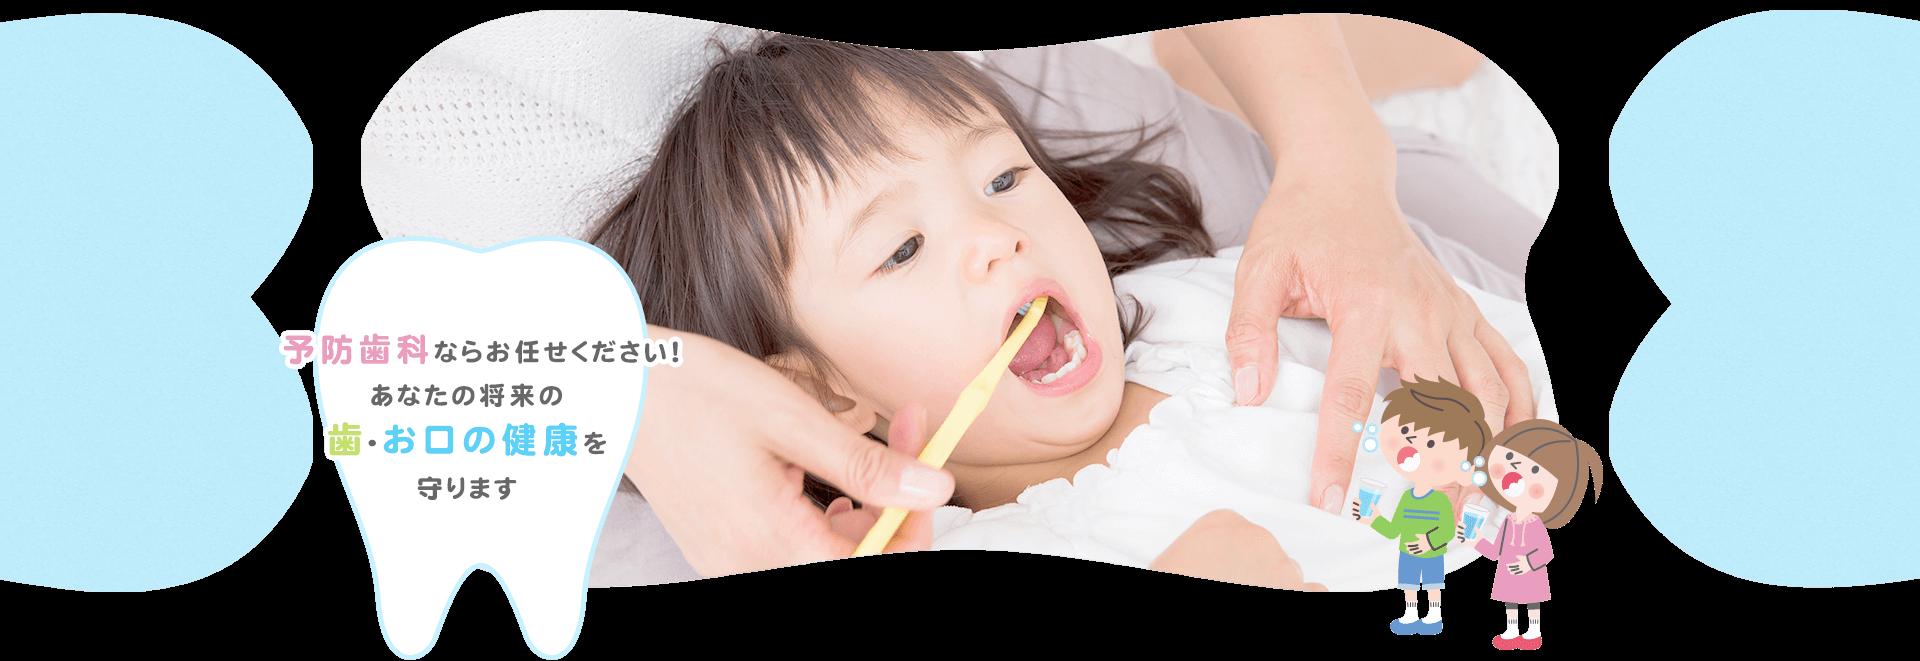 予防歯科ならお任せください!<br />あなたの将来の歯・お口の健康を守ります